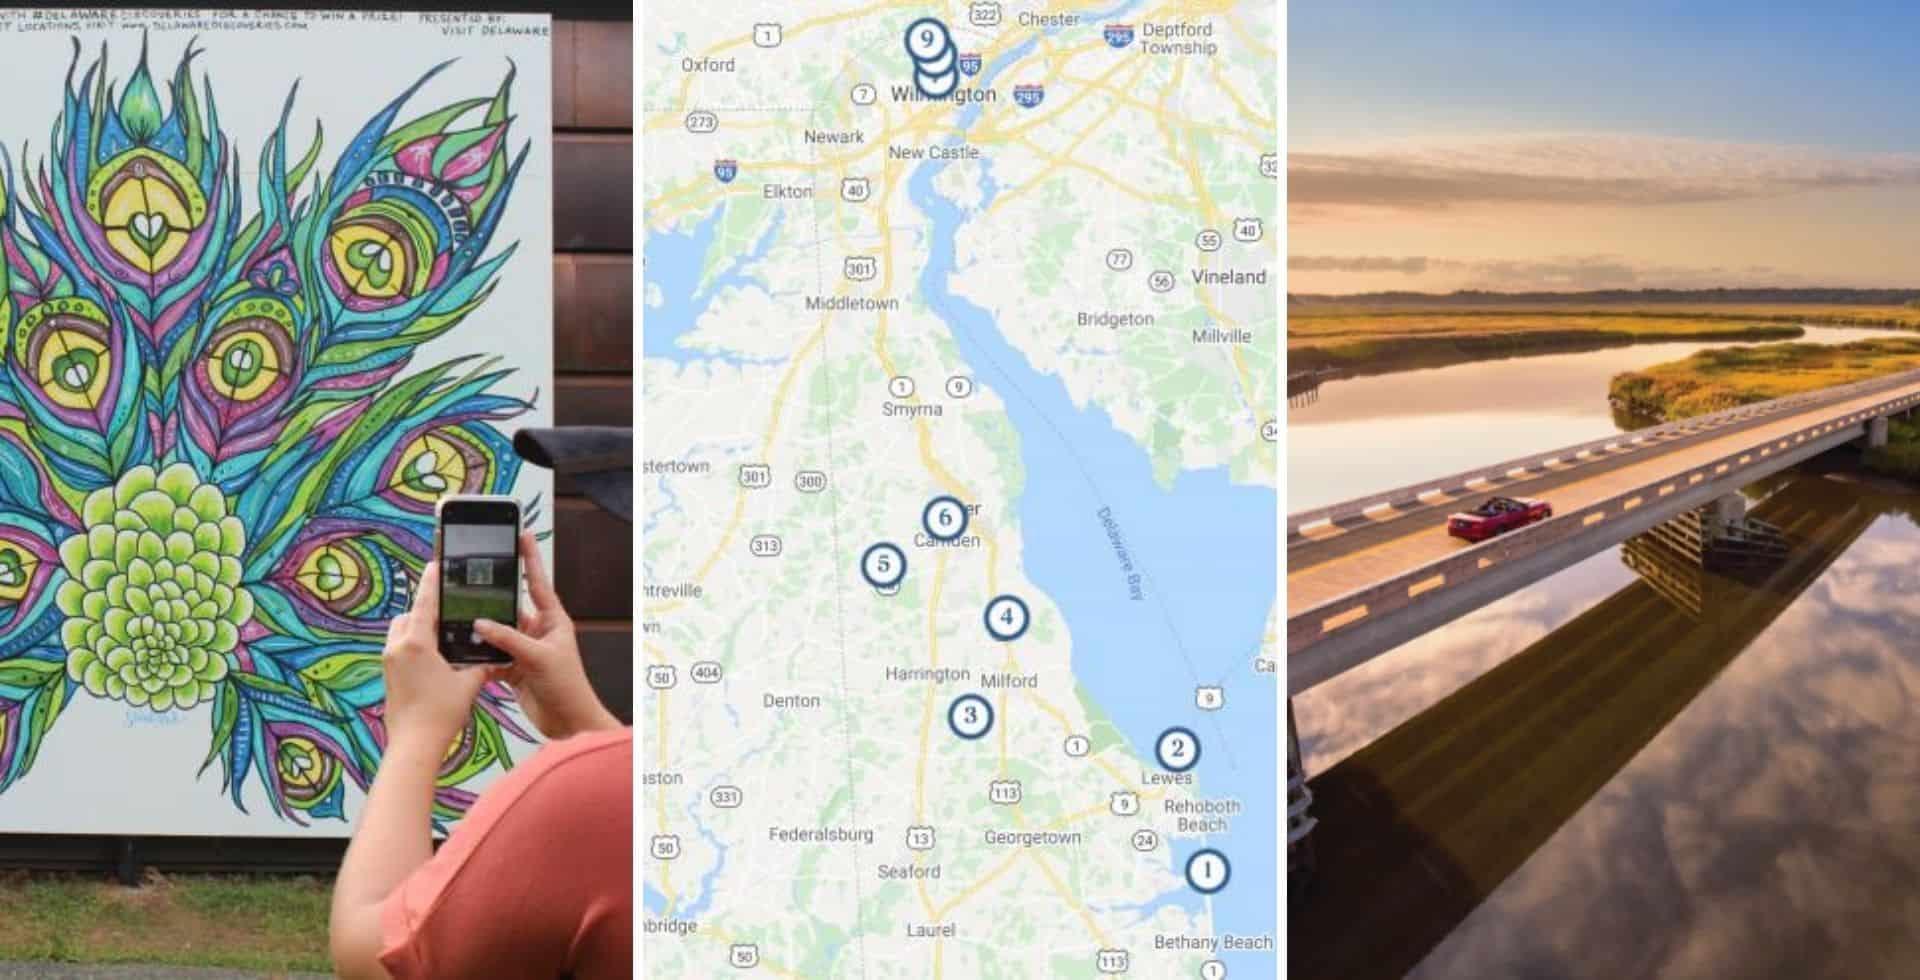 Estados Unidos: el estado de Delaware cuenta con un recorrido que es perfecto para conocer el lugares y el arte local